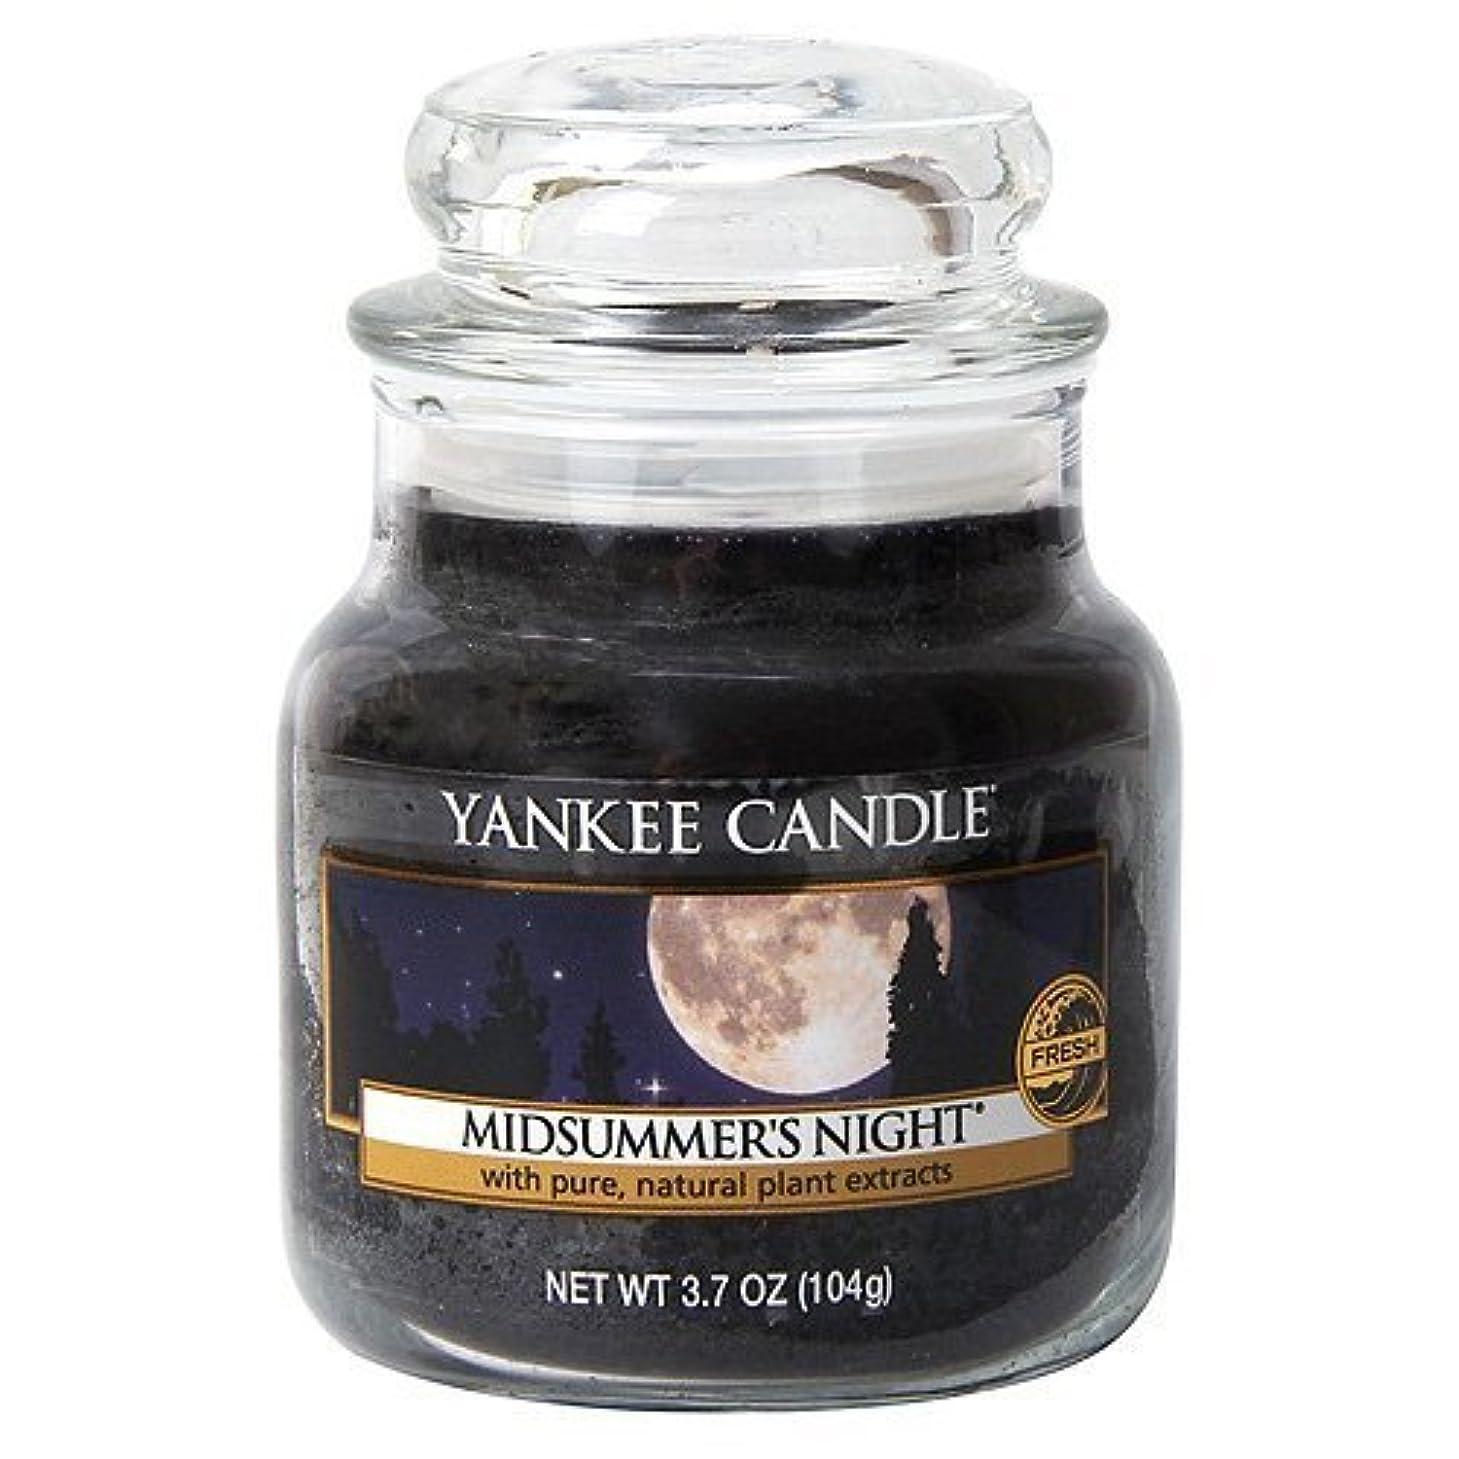 意識的計画ベッツィトロットウッドYankee Candle Midsummer's Night Small Jar Candle, Fresh Scent by Yankee Candle [並行輸入品]